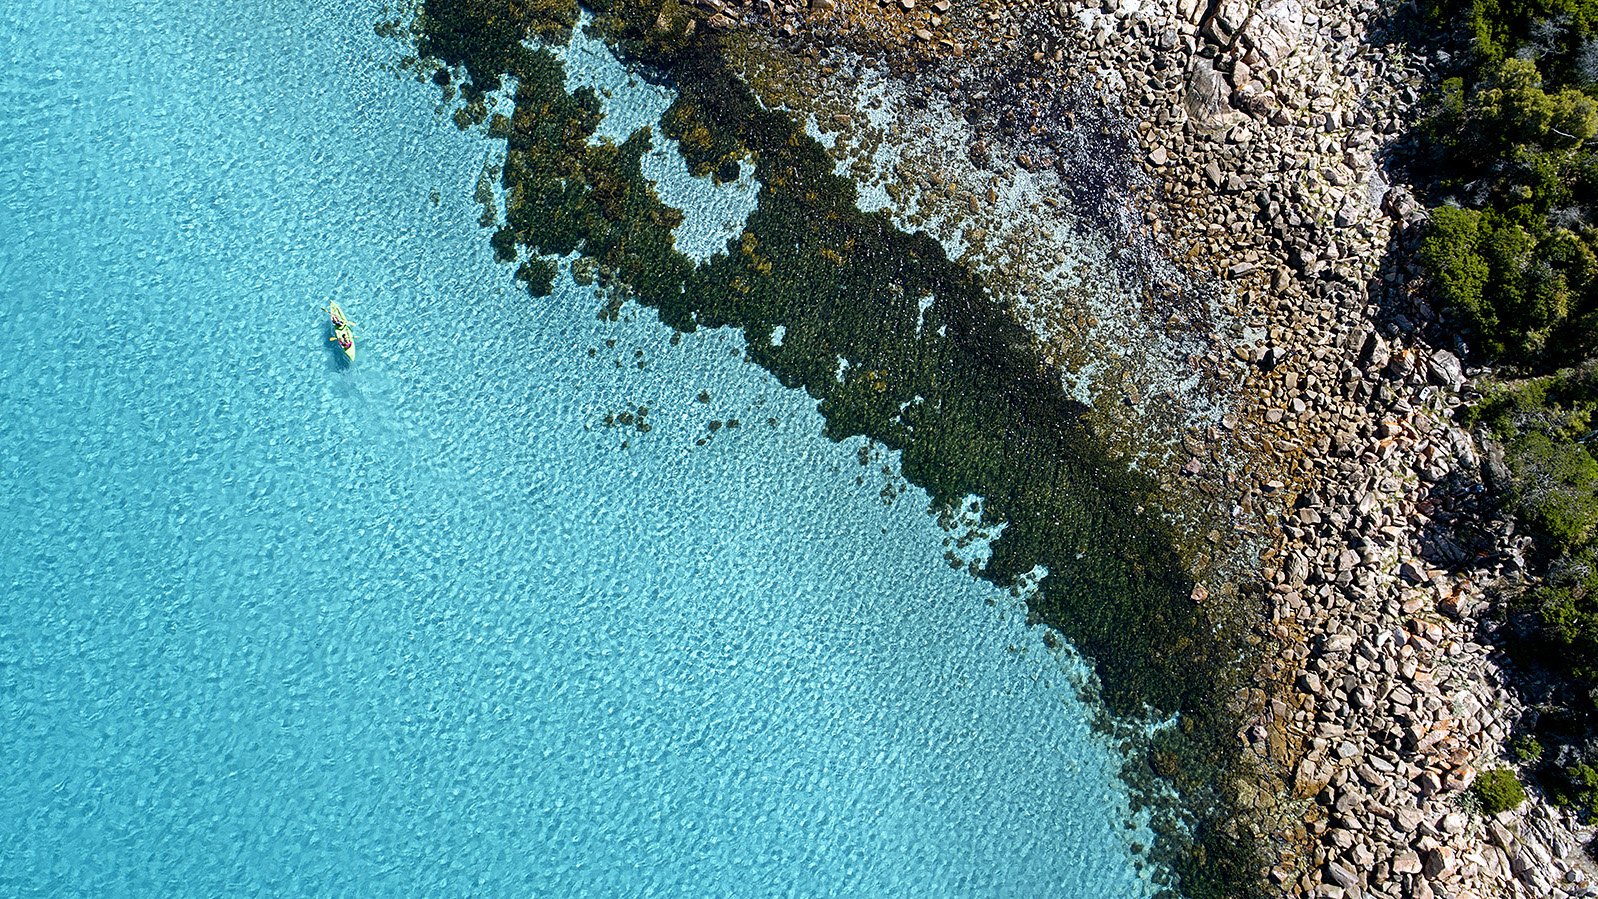 025 - Jason Mazur - 'Kayaker, Geographe Bay, Dunsborough'